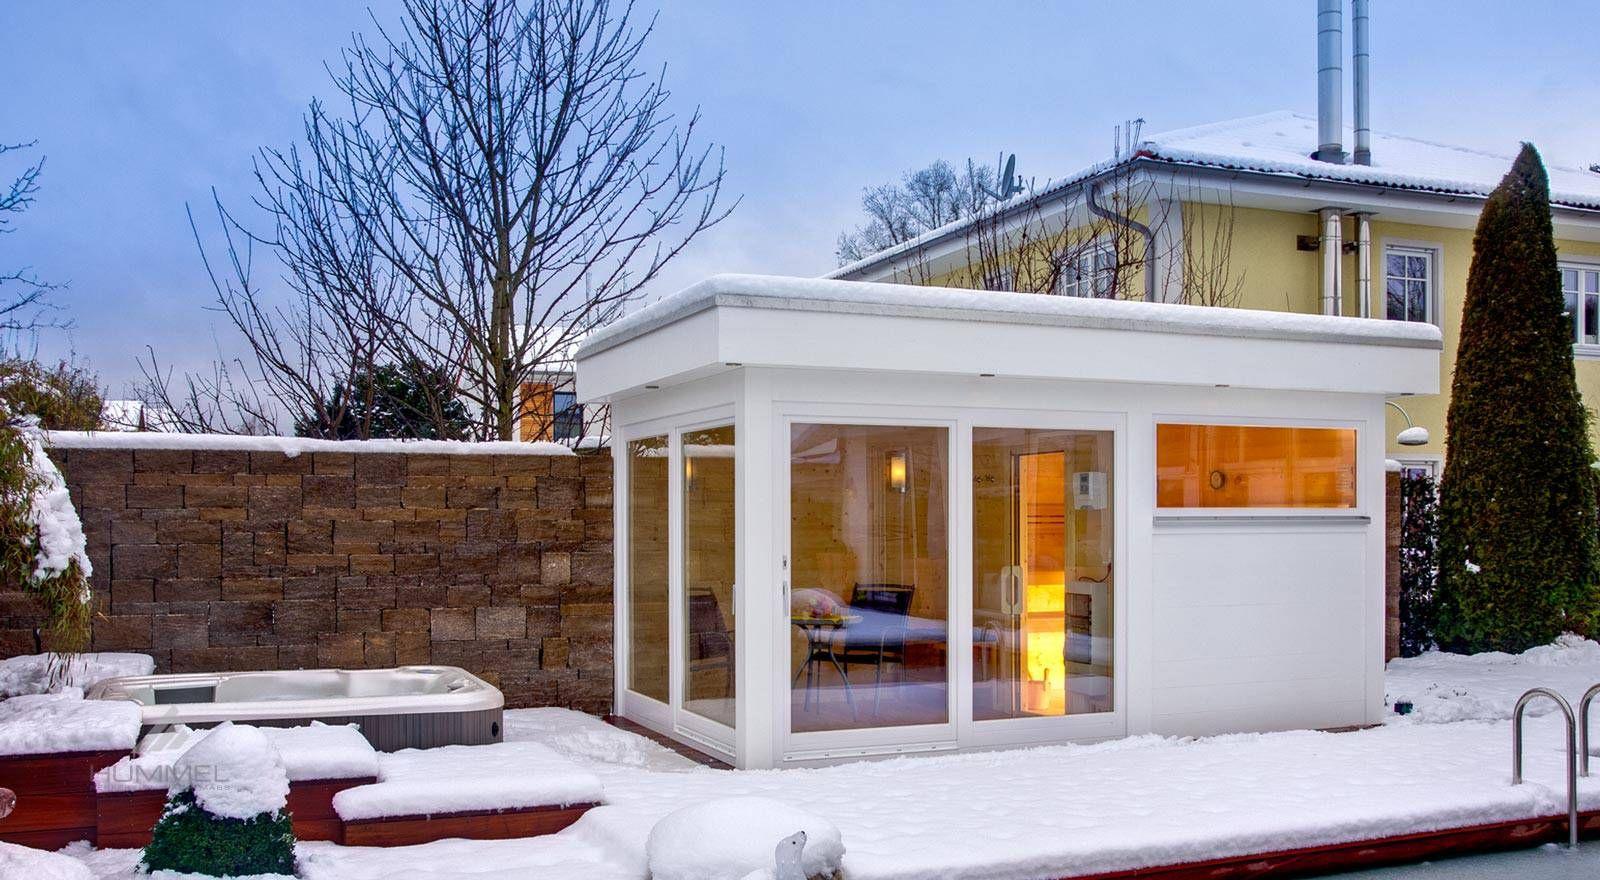 modernes saunahaus mit flachdach und vorraum gartensauna pinterest flachdach gartenh user. Black Bedroom Furniture Sets. Home Design Ideas